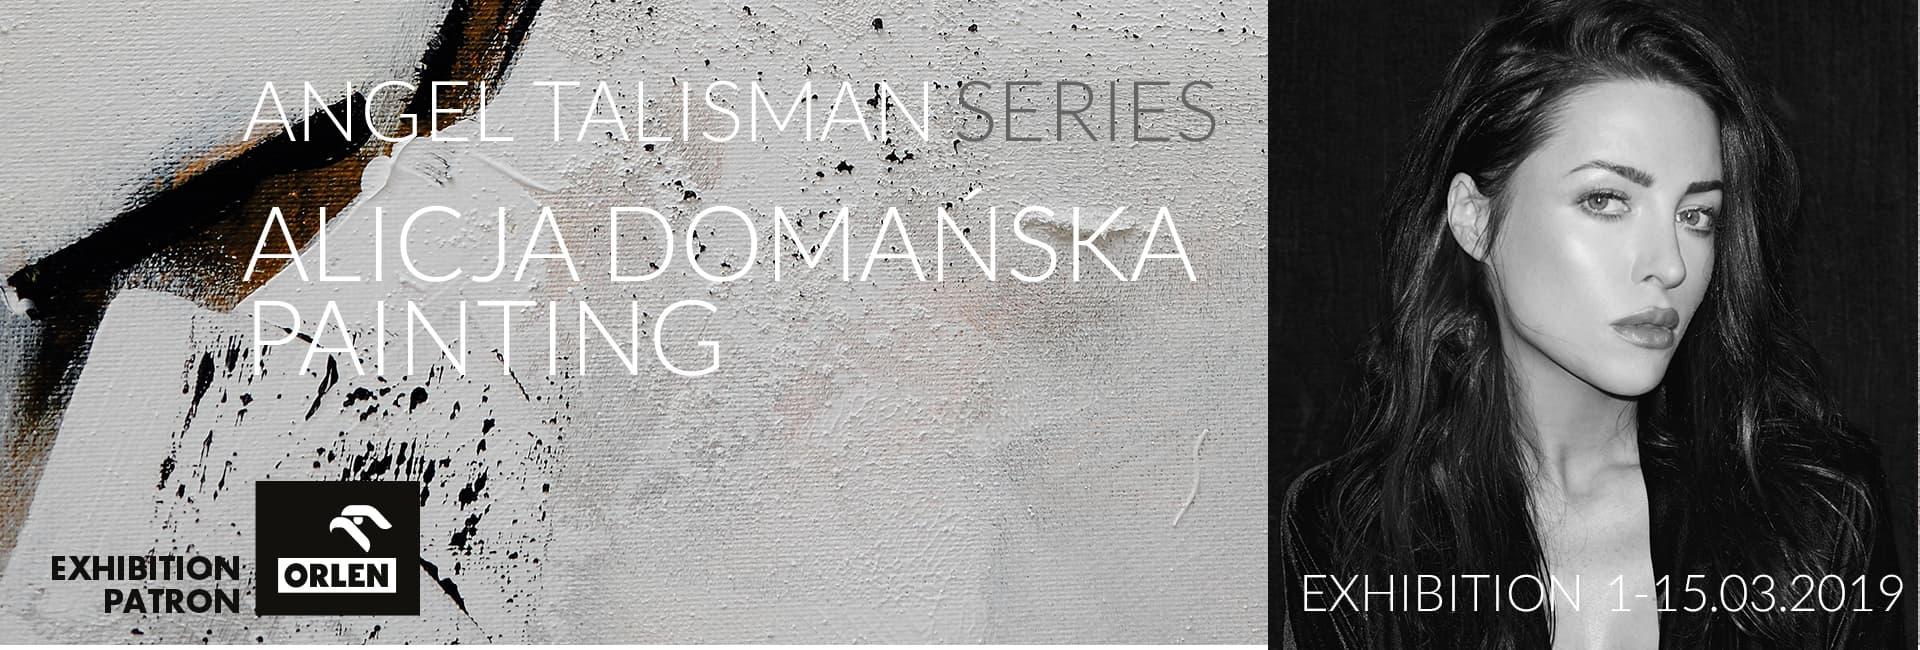 Domańska exhibition